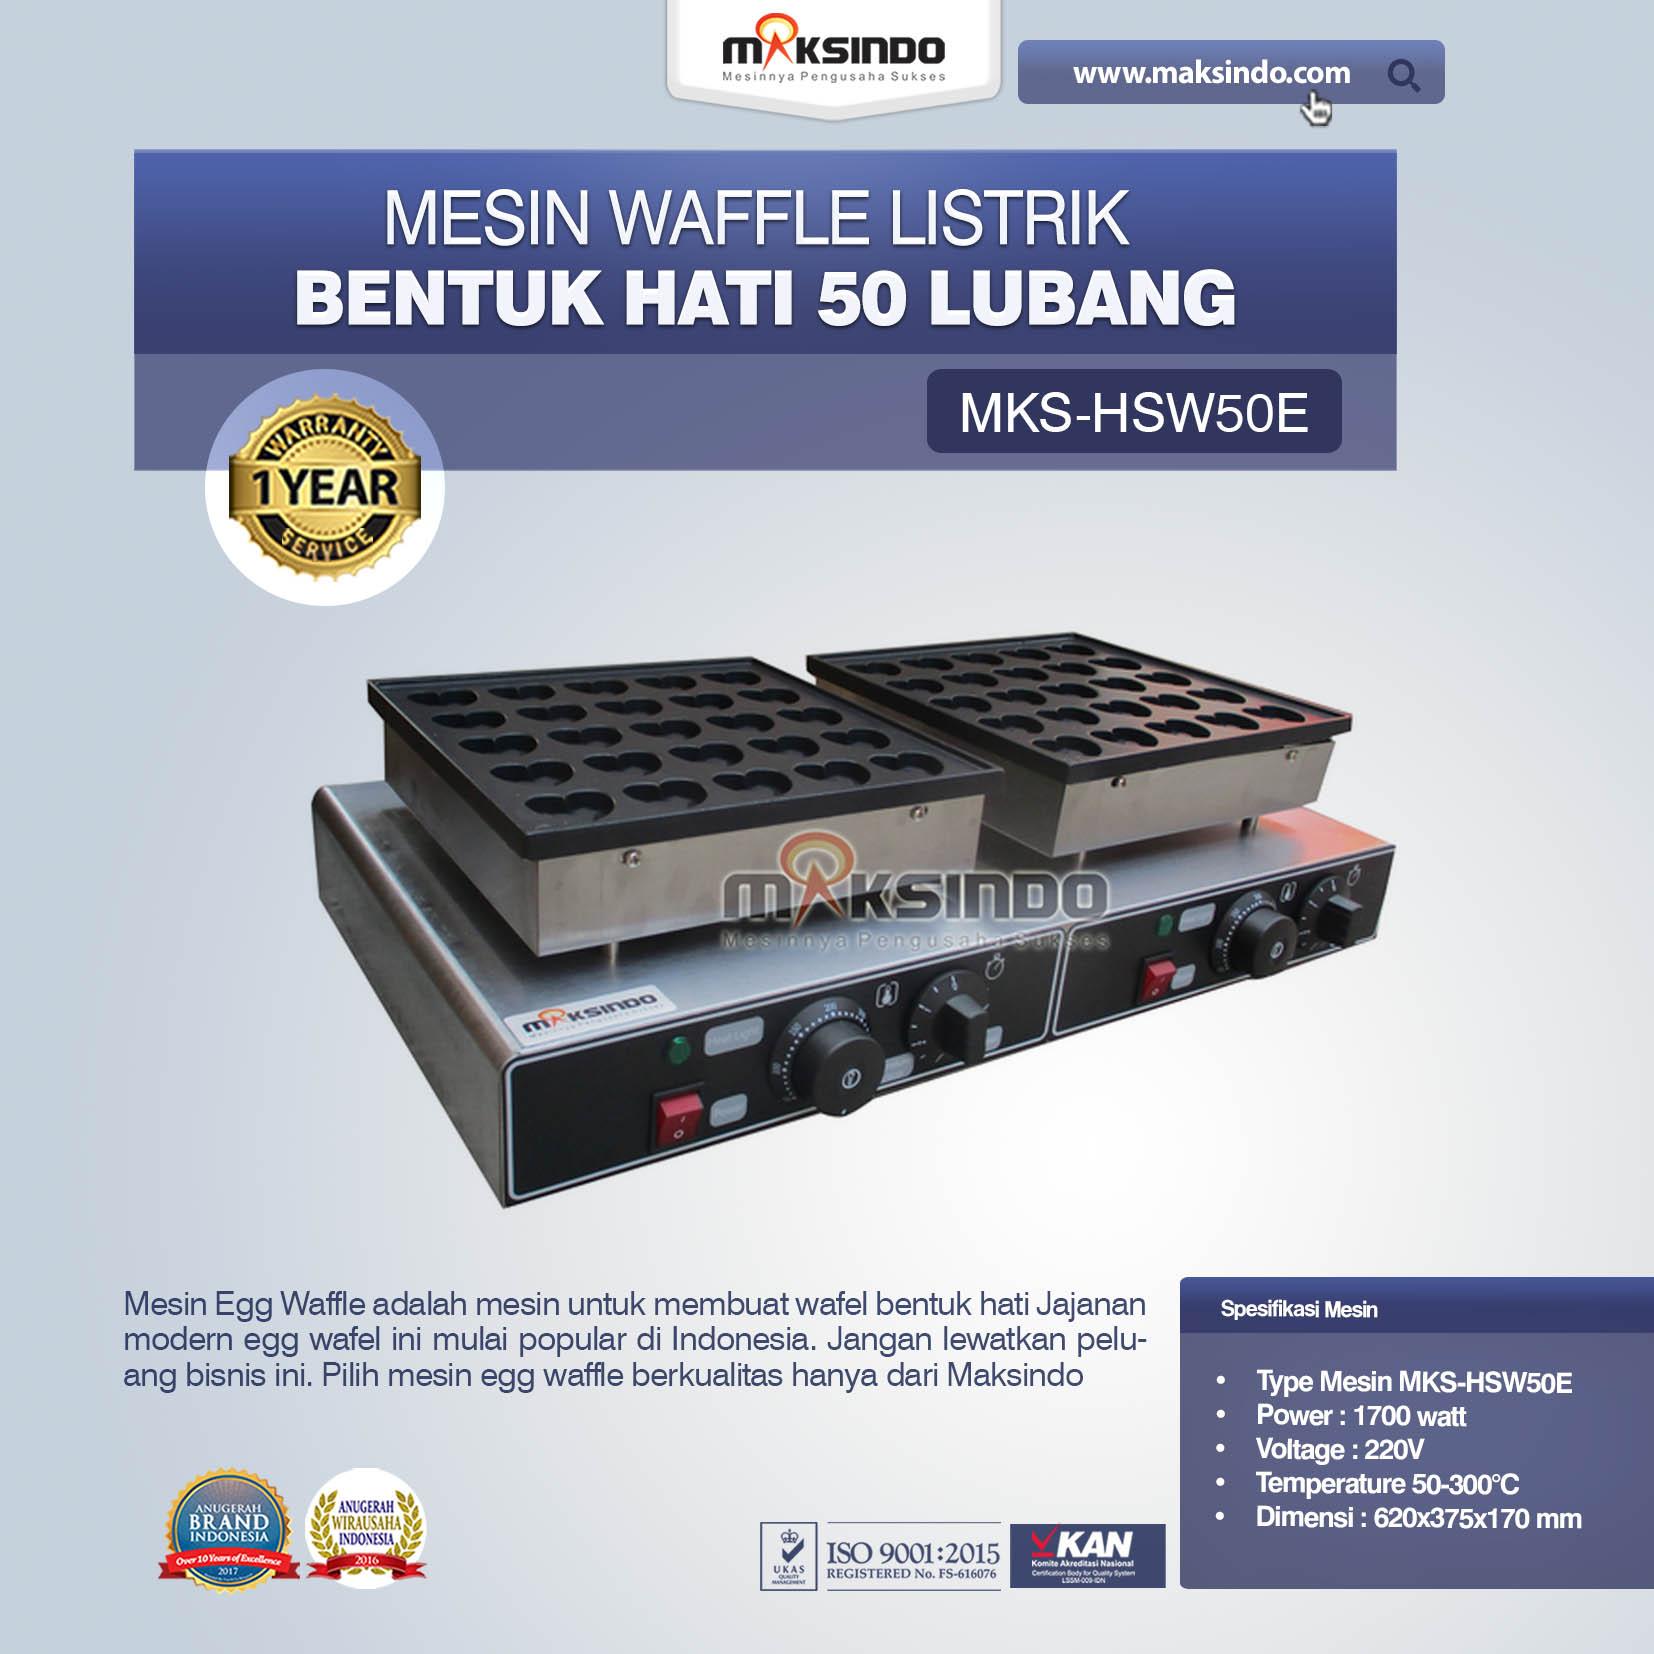 Jual Mesin Waffle Listrik Bentuk Hati 50 Lubang MKS-HSW50E Di Bekasi